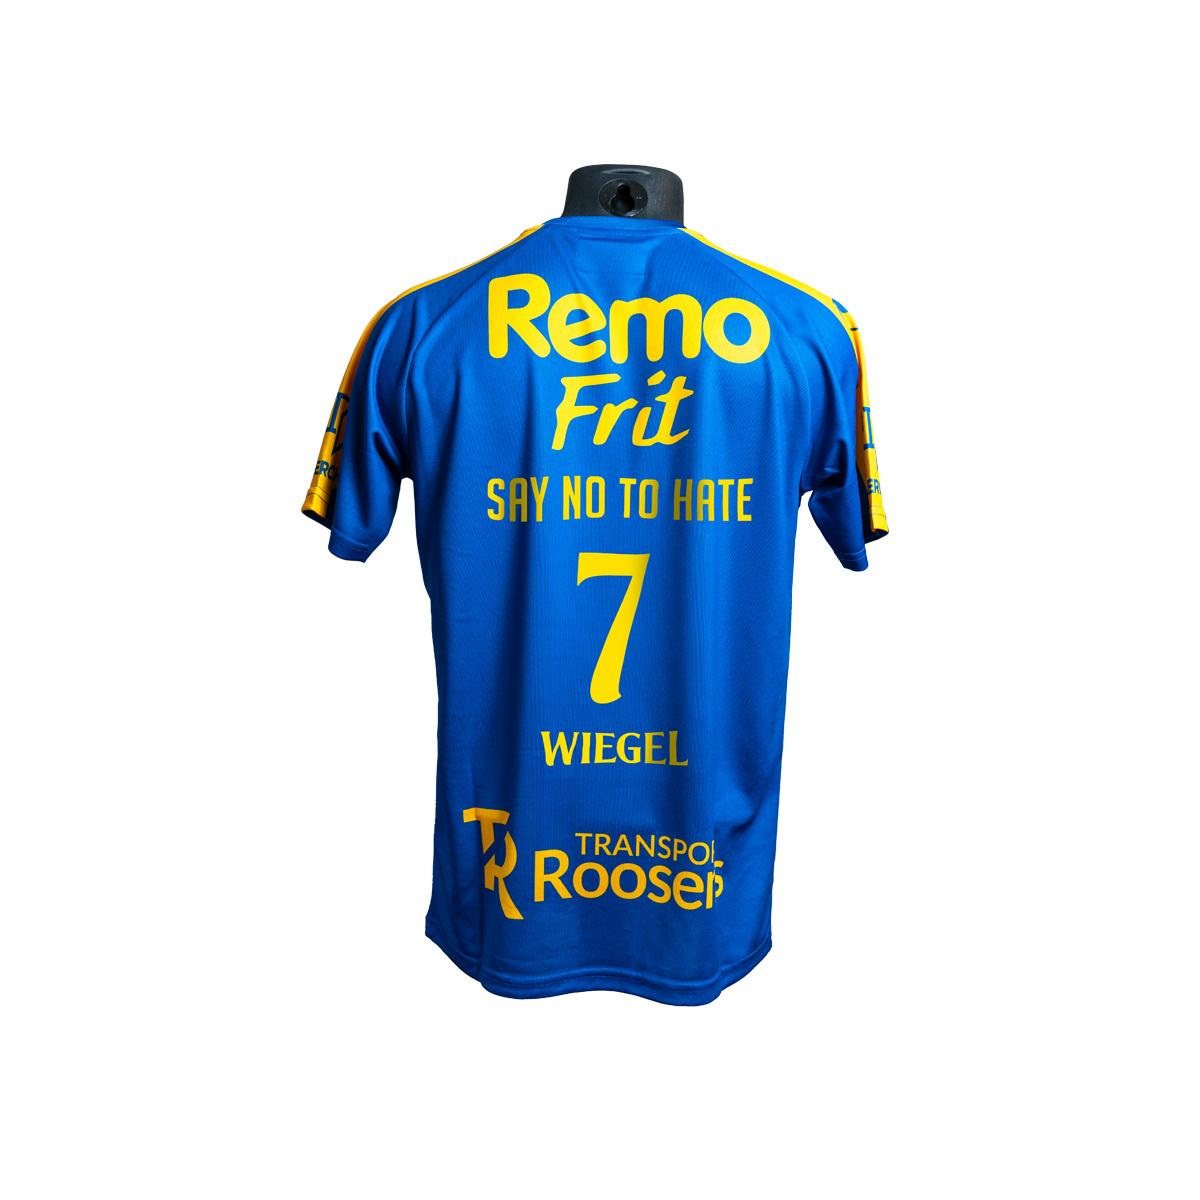 Topfanz Say No To Hate - shirt Wiegel